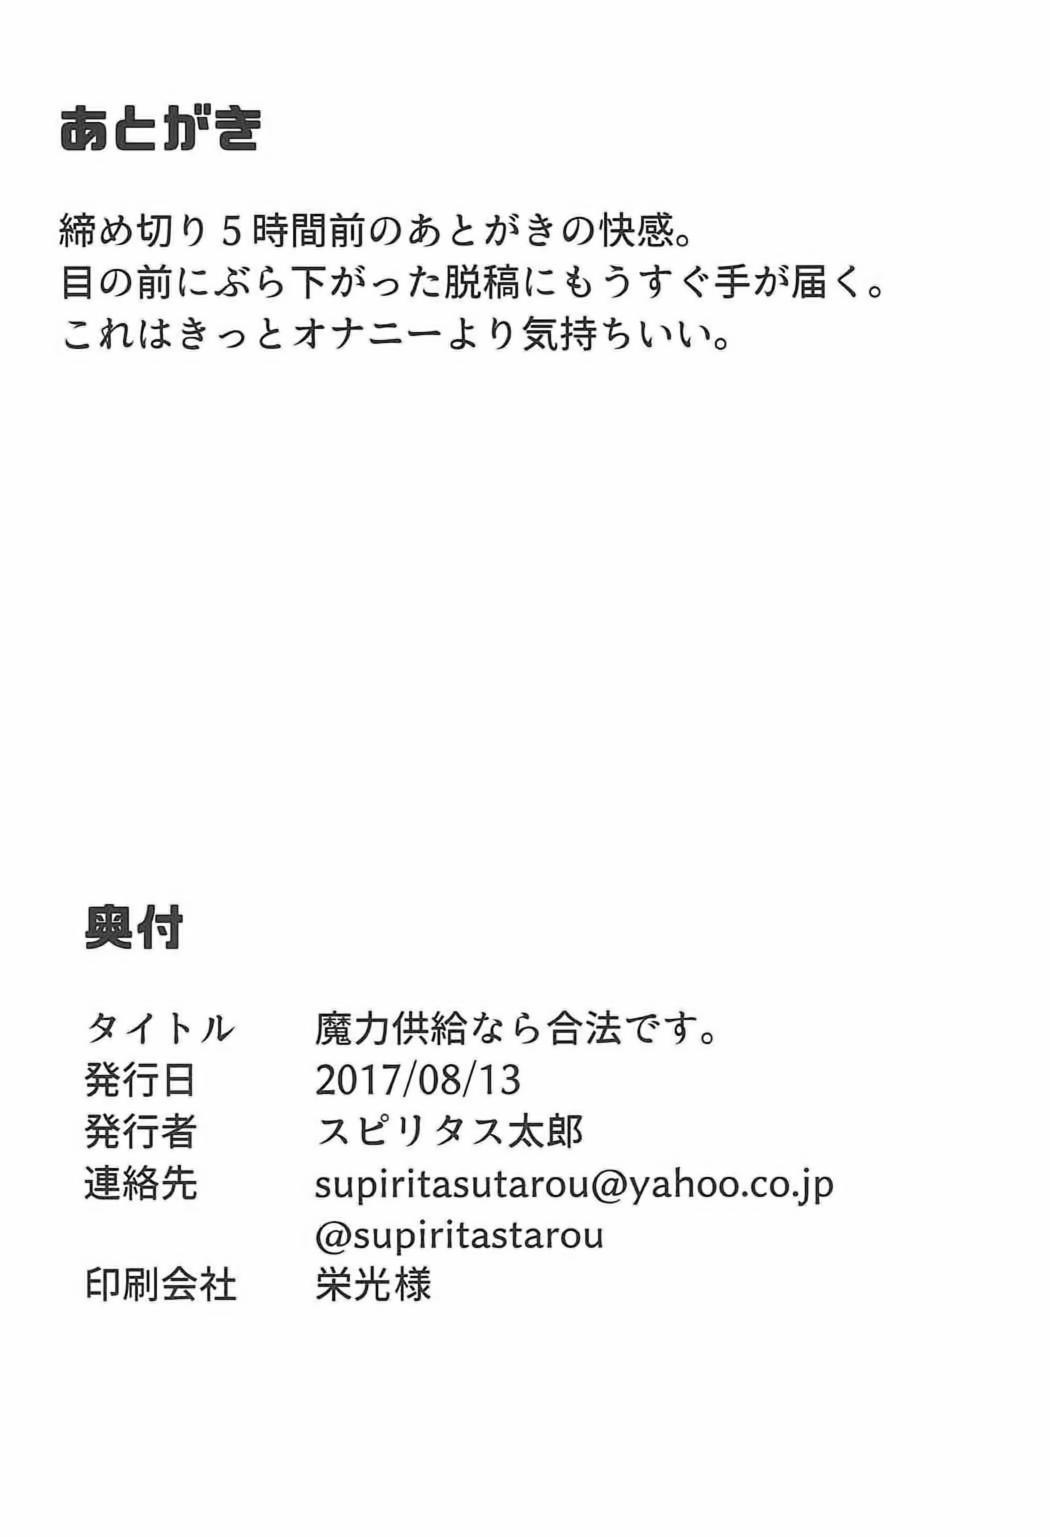 HentaiVN.net - Ảnh 17 - Maryoku Kyoukyuu nara Gouhou desu - Nếu là để cung cấp Mana thì không thành vấn đề - Oneshot